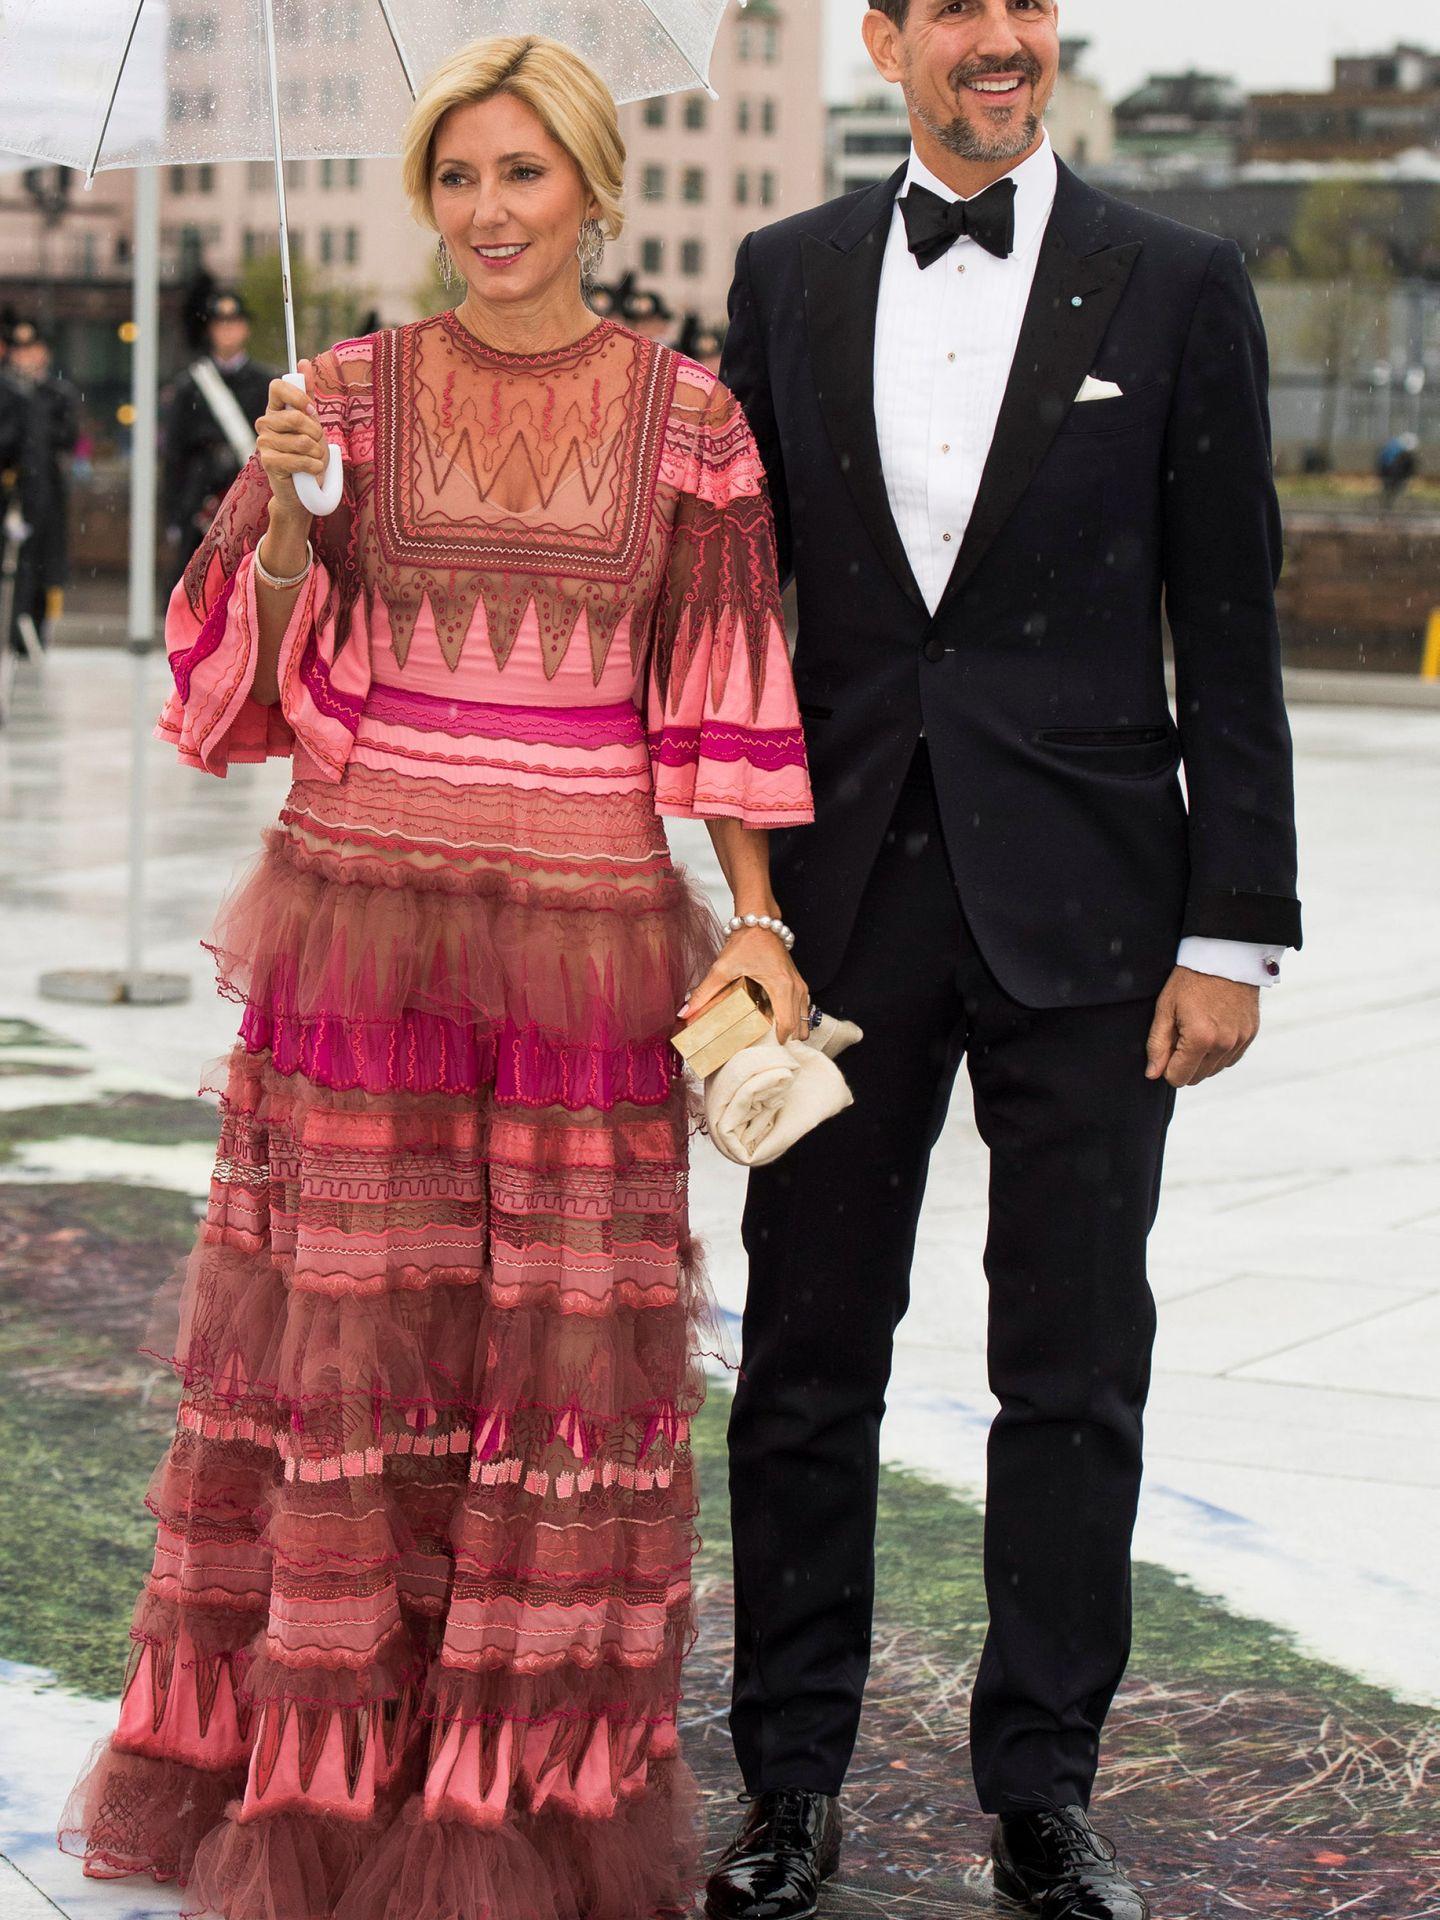 El matrimonio, en una de sus apariciones públicas. (Reuters)